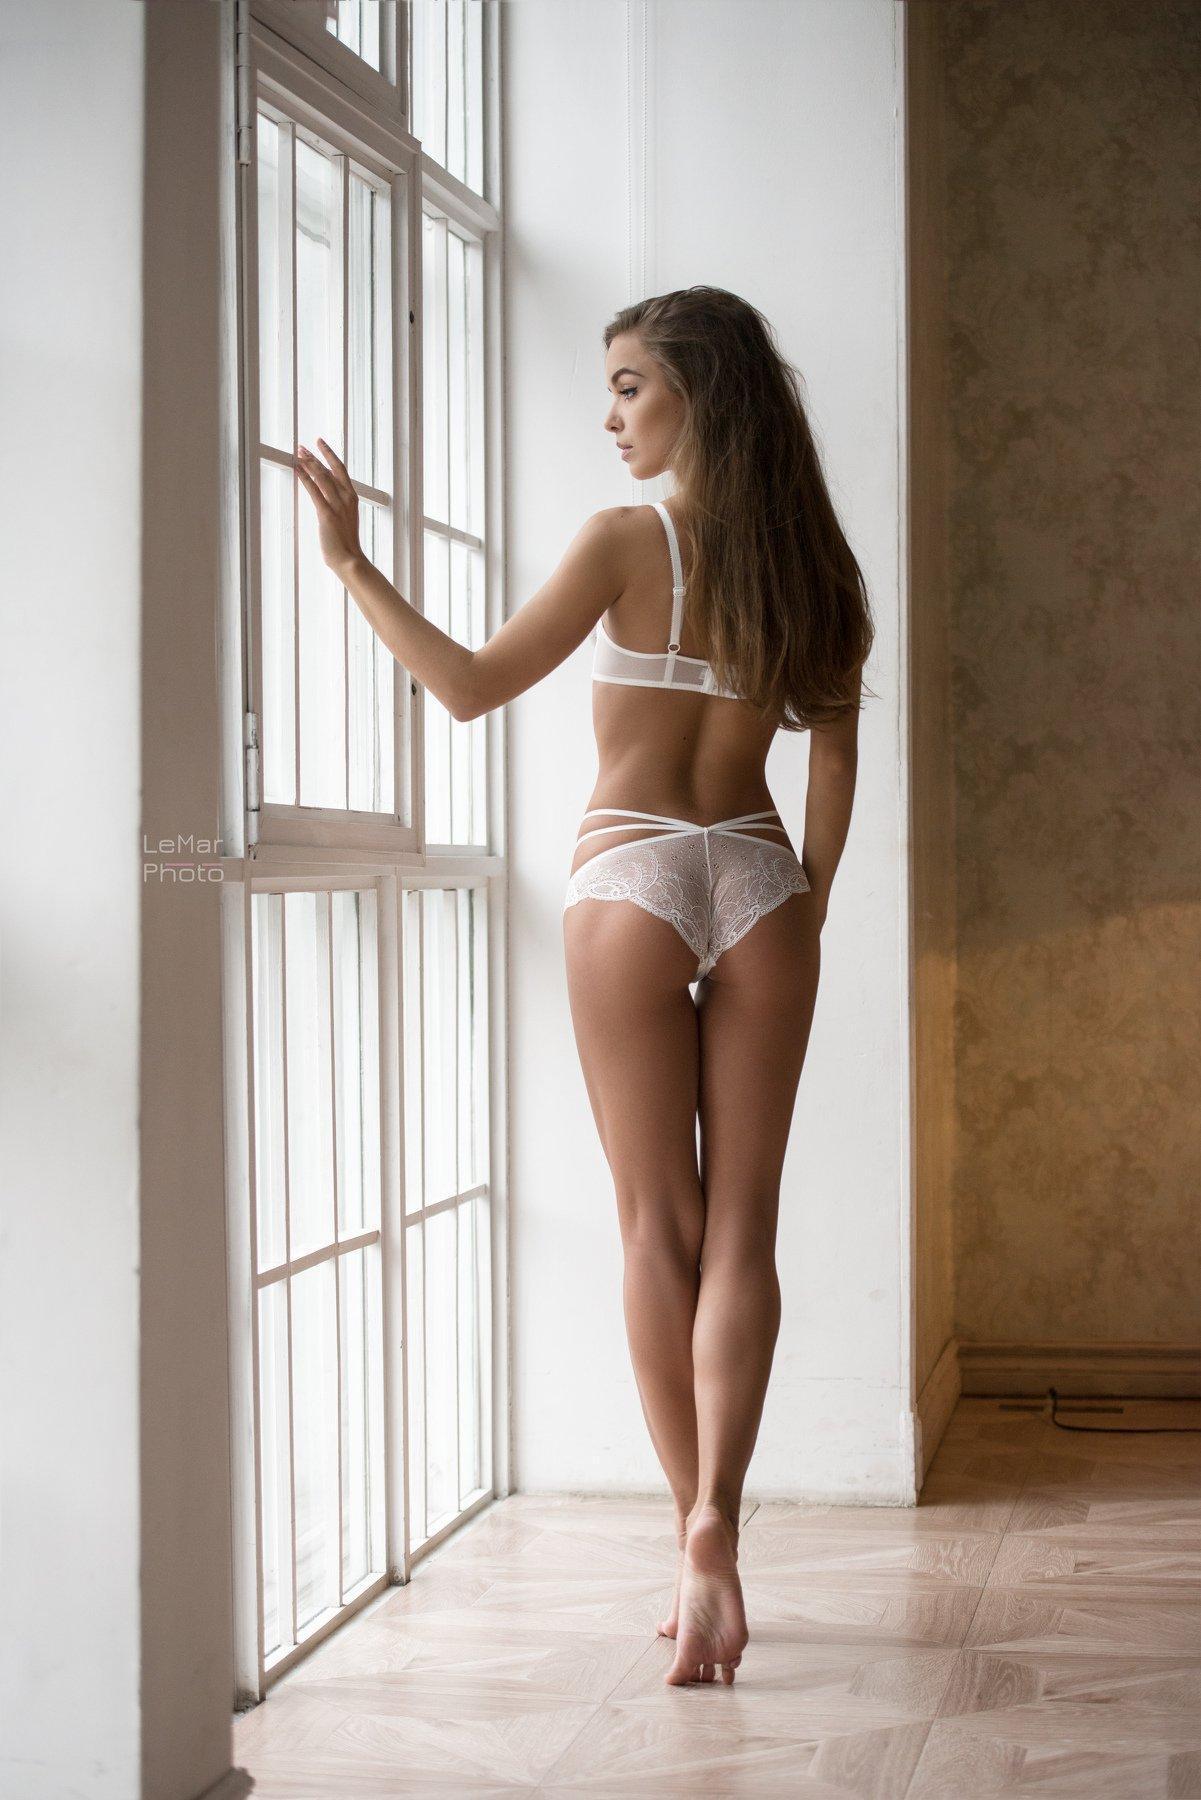 девушка, модель, москва, портрет, свет, день, студия, фотосессия, естественный свет, Леонид Маркачев